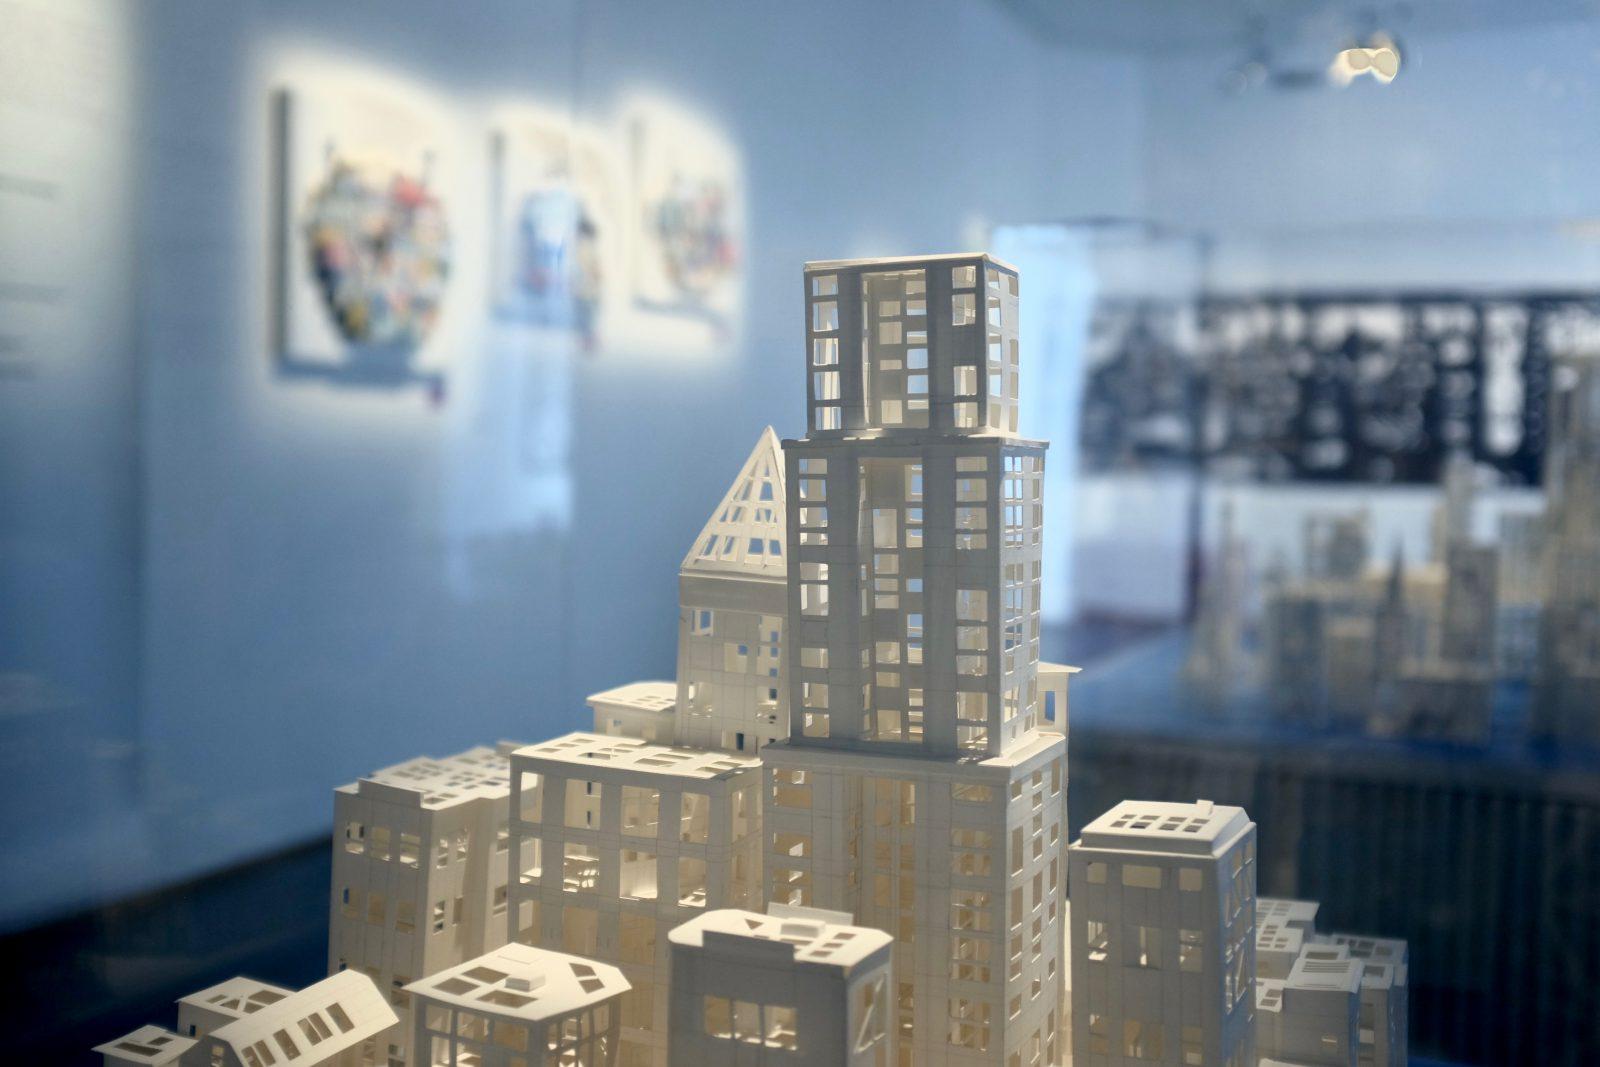 Meyrin - architectures de papier exposition